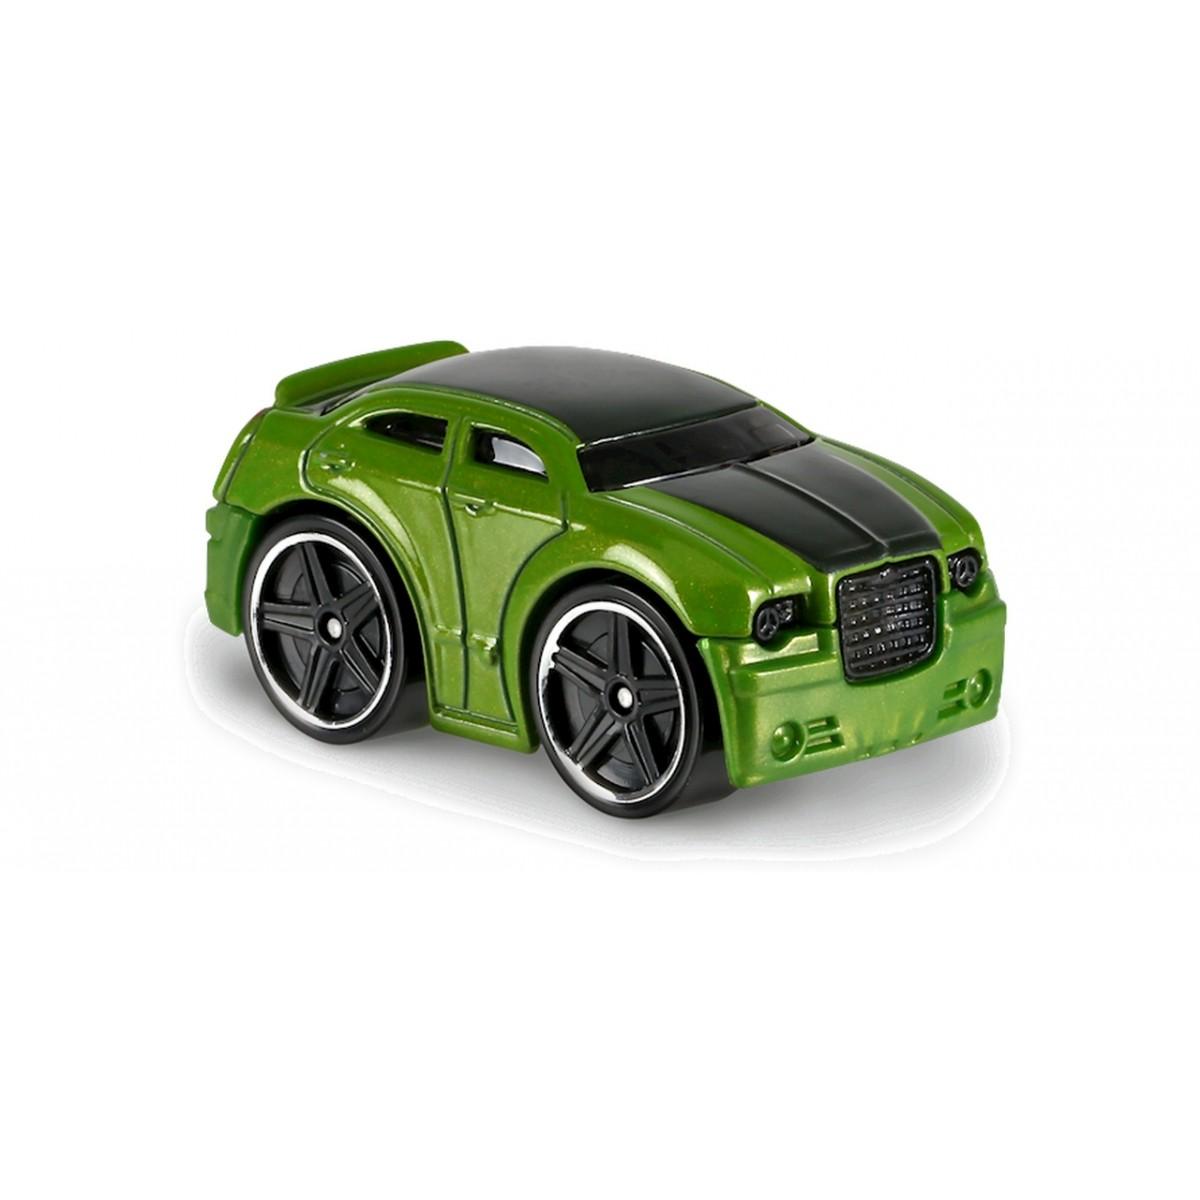 Carrinho Hot Wheels: Chrysler 300C Verde